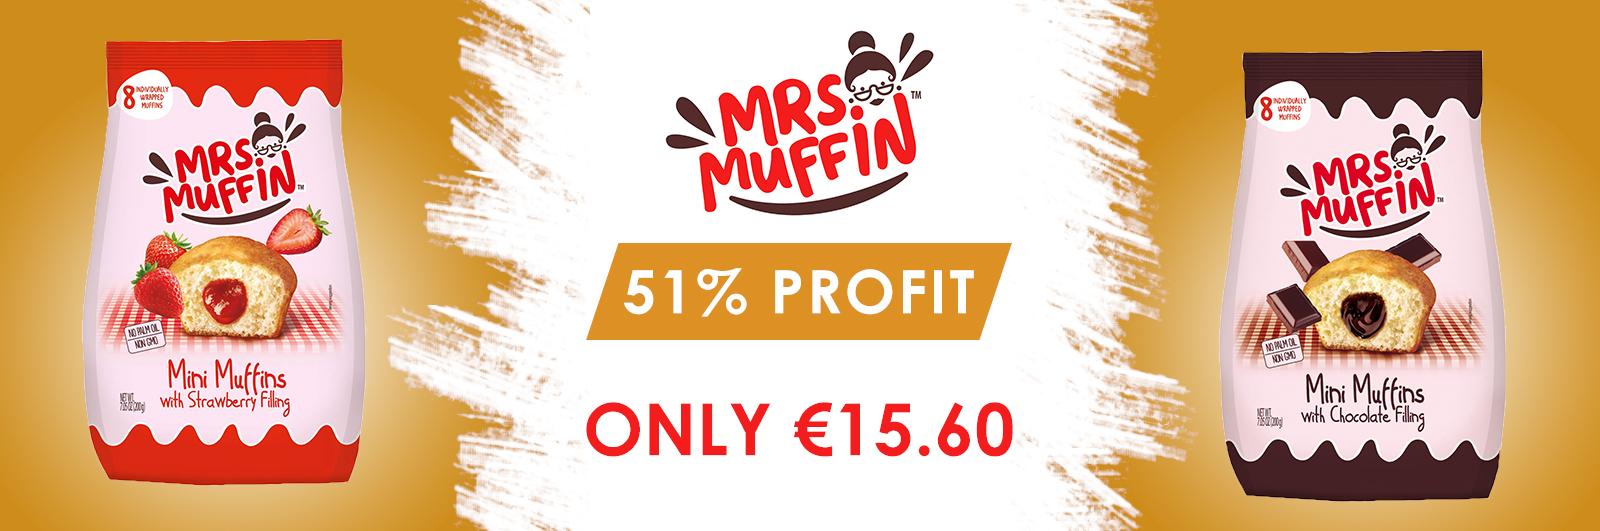 Mrs Muffin